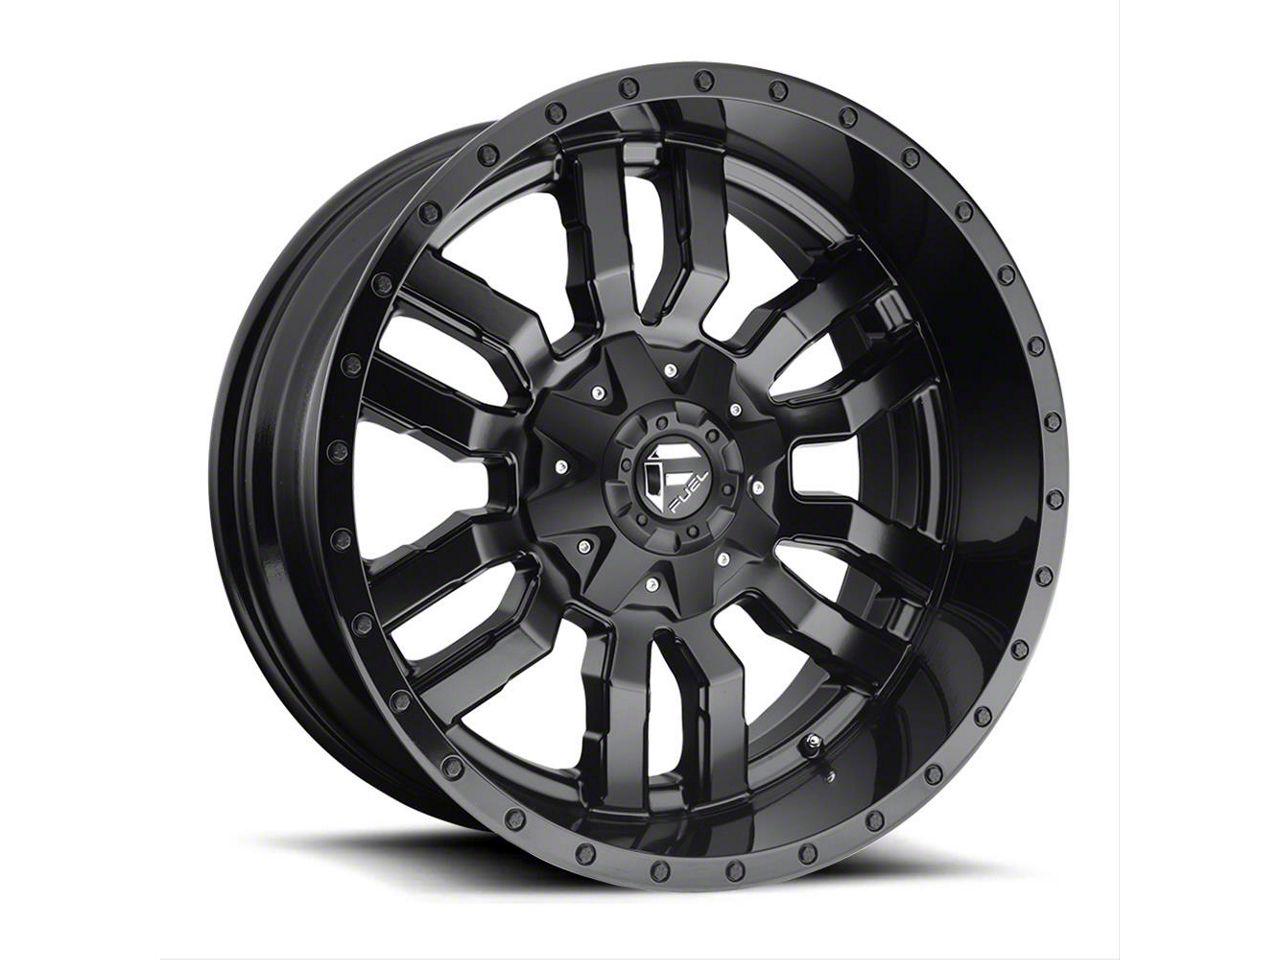 Fuel Wheels Sledge Gloss & Matte Black 6-Lug Wheel - 24x14 (99-18 Silverado 1500)